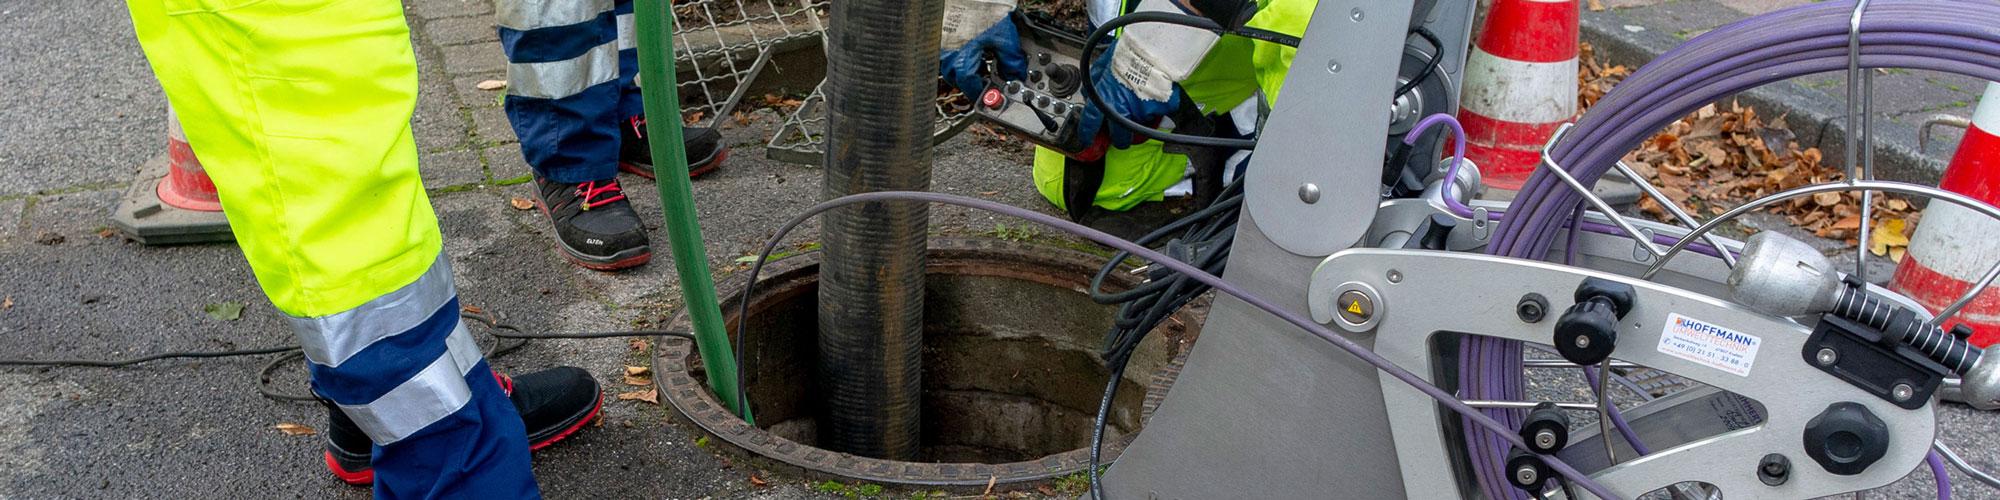 Kanalreinigung dem Saug- und Spülfahrzeug der Firma Drekopf